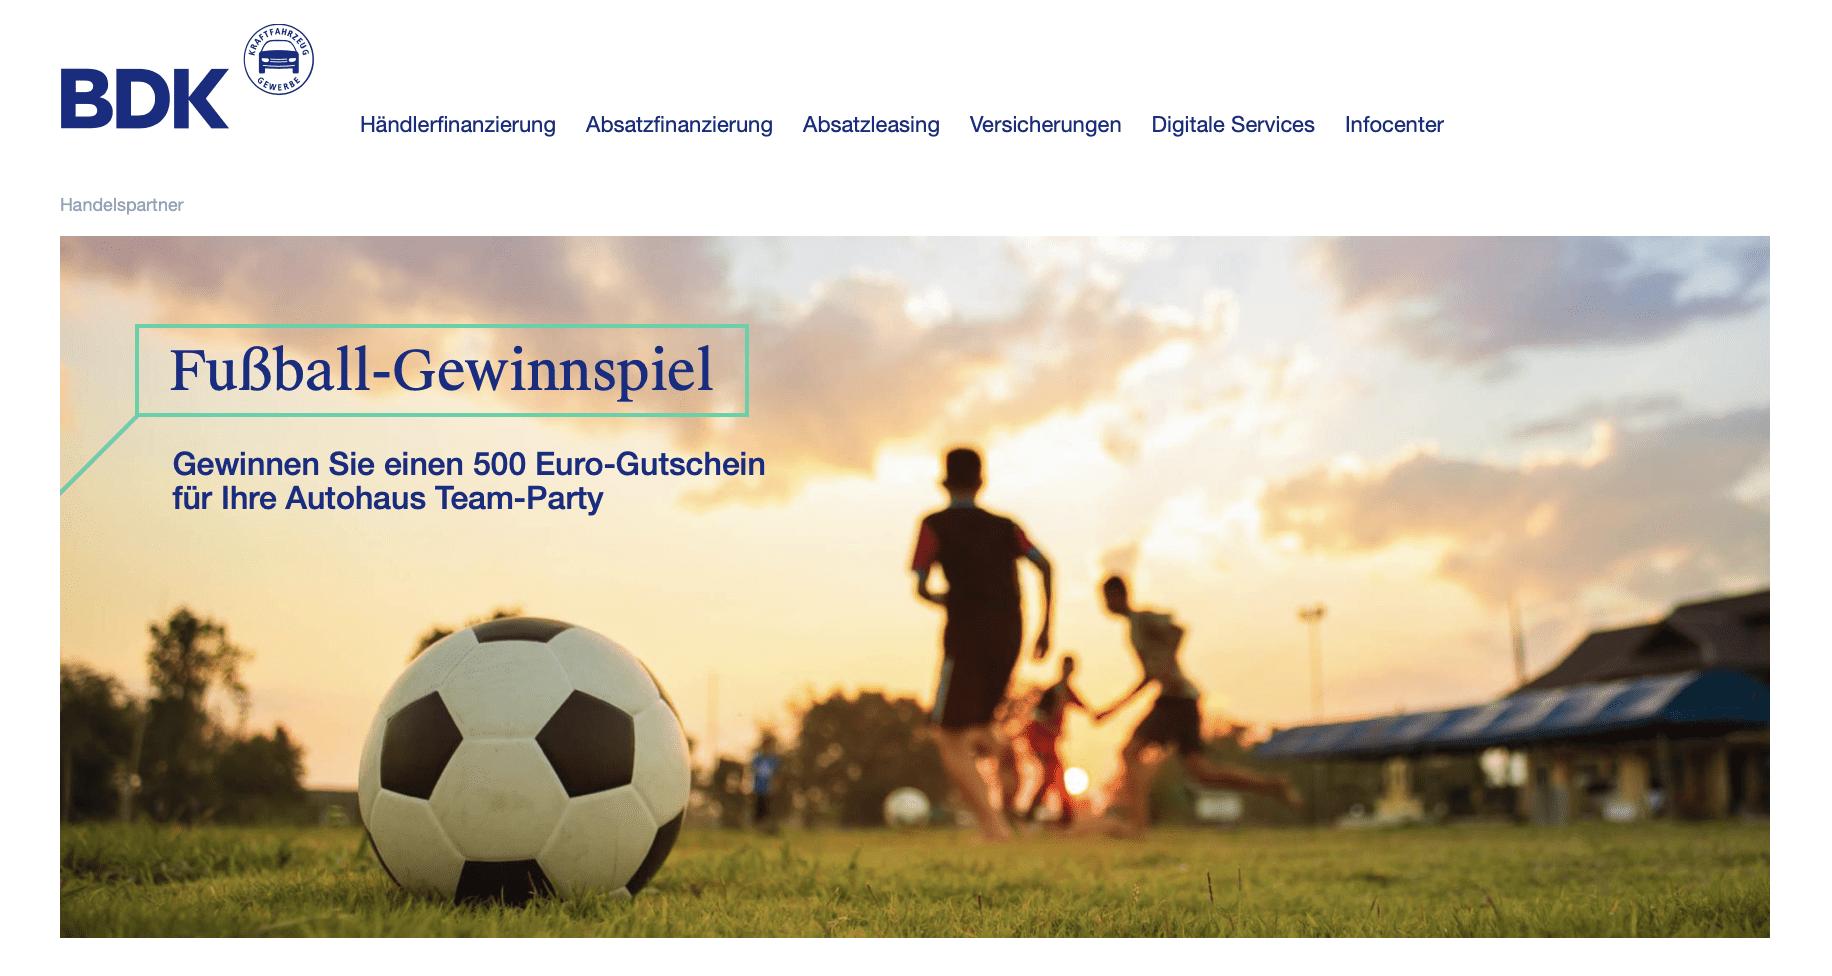 BDK-Bank: Fußball-Fieber 2020 Gewinnspiel-Cases Automotive